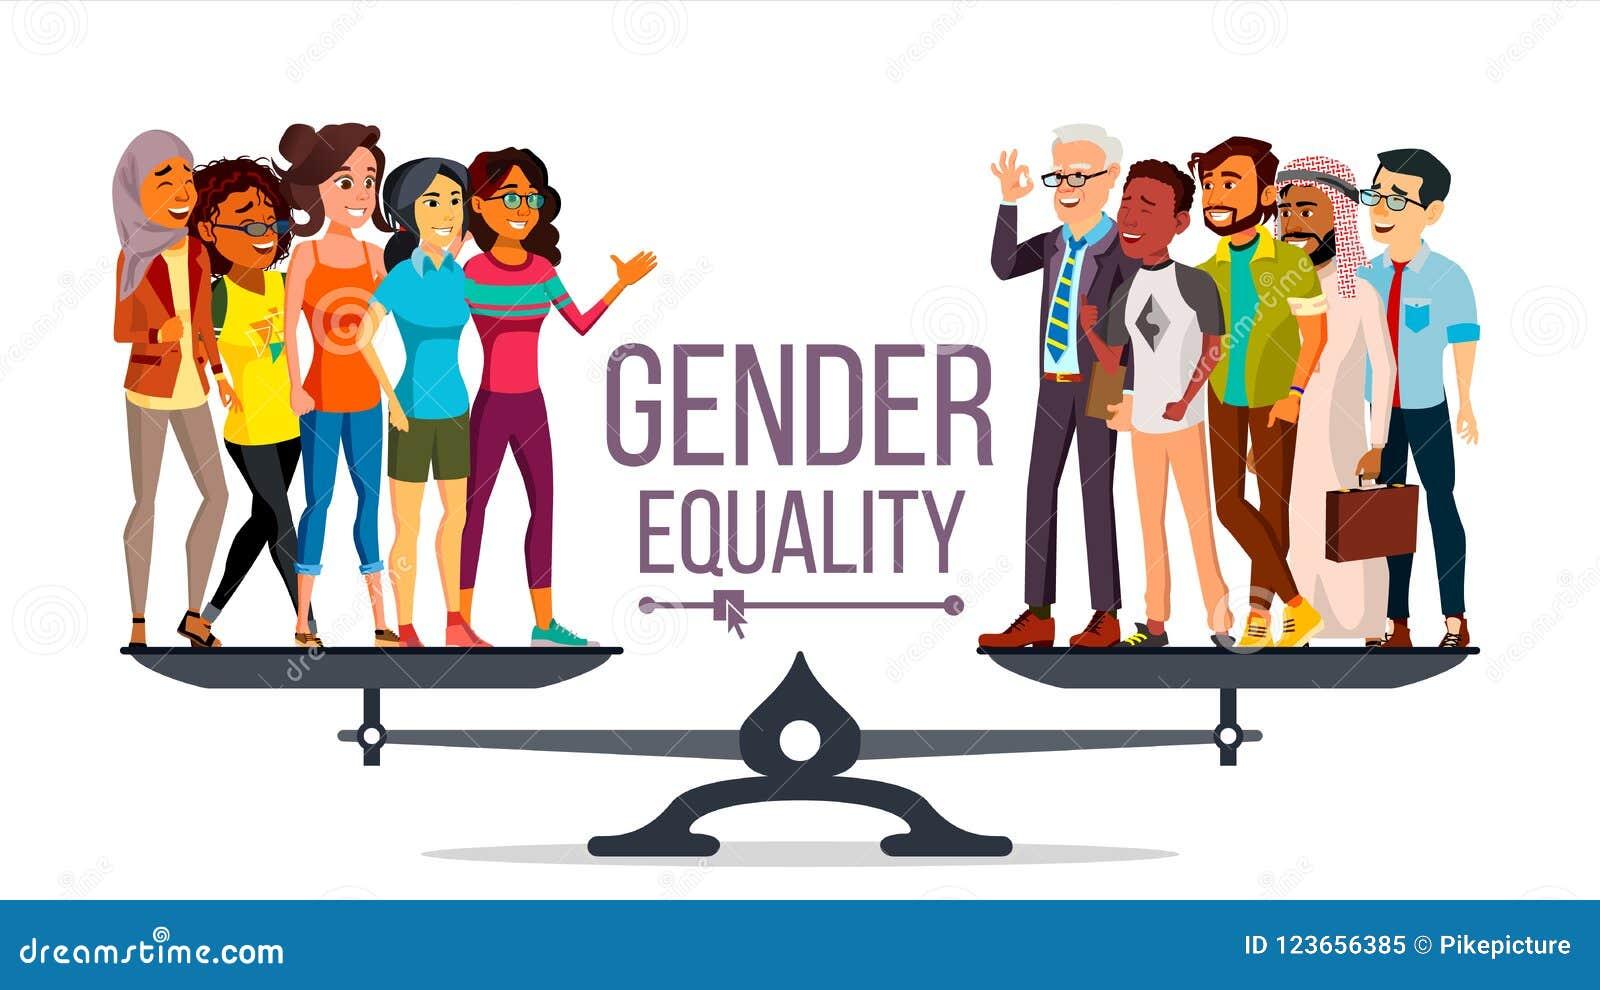 Διάνυσμα ισότητας φίλων Άνδρας, γυναίκα, αρσενικό, θηλυκό στις κλίμακες Ίση ευκαιρία Απομονωμένη επίπεδη απεικόνιση κινούμενων σχ